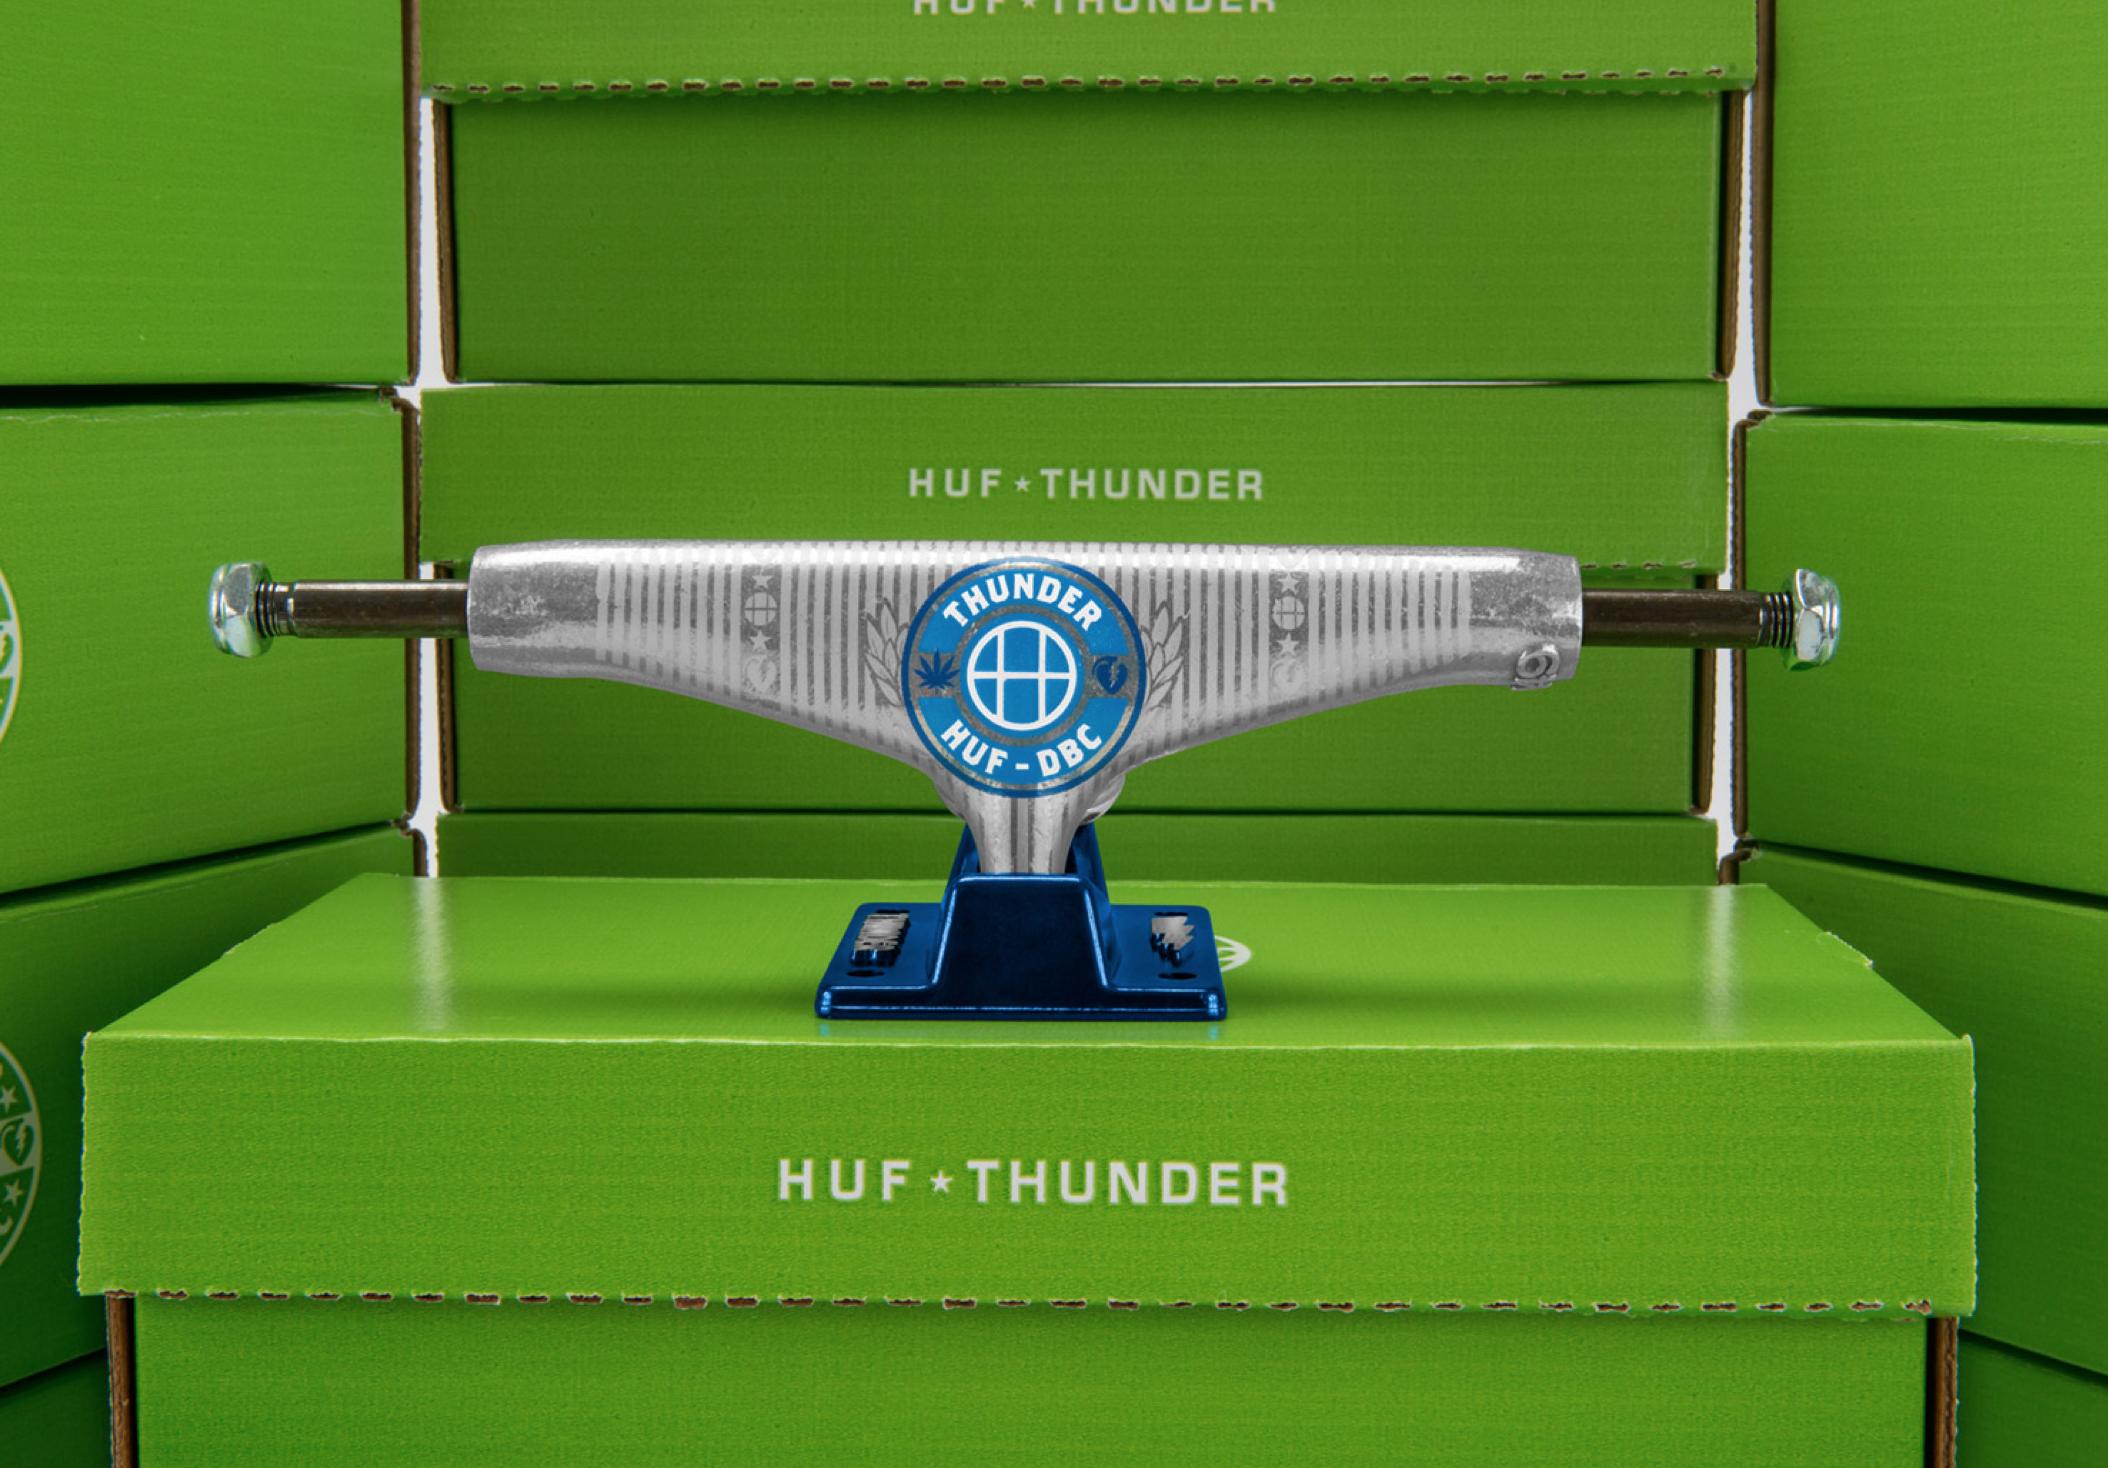 huf_thunder_trucks